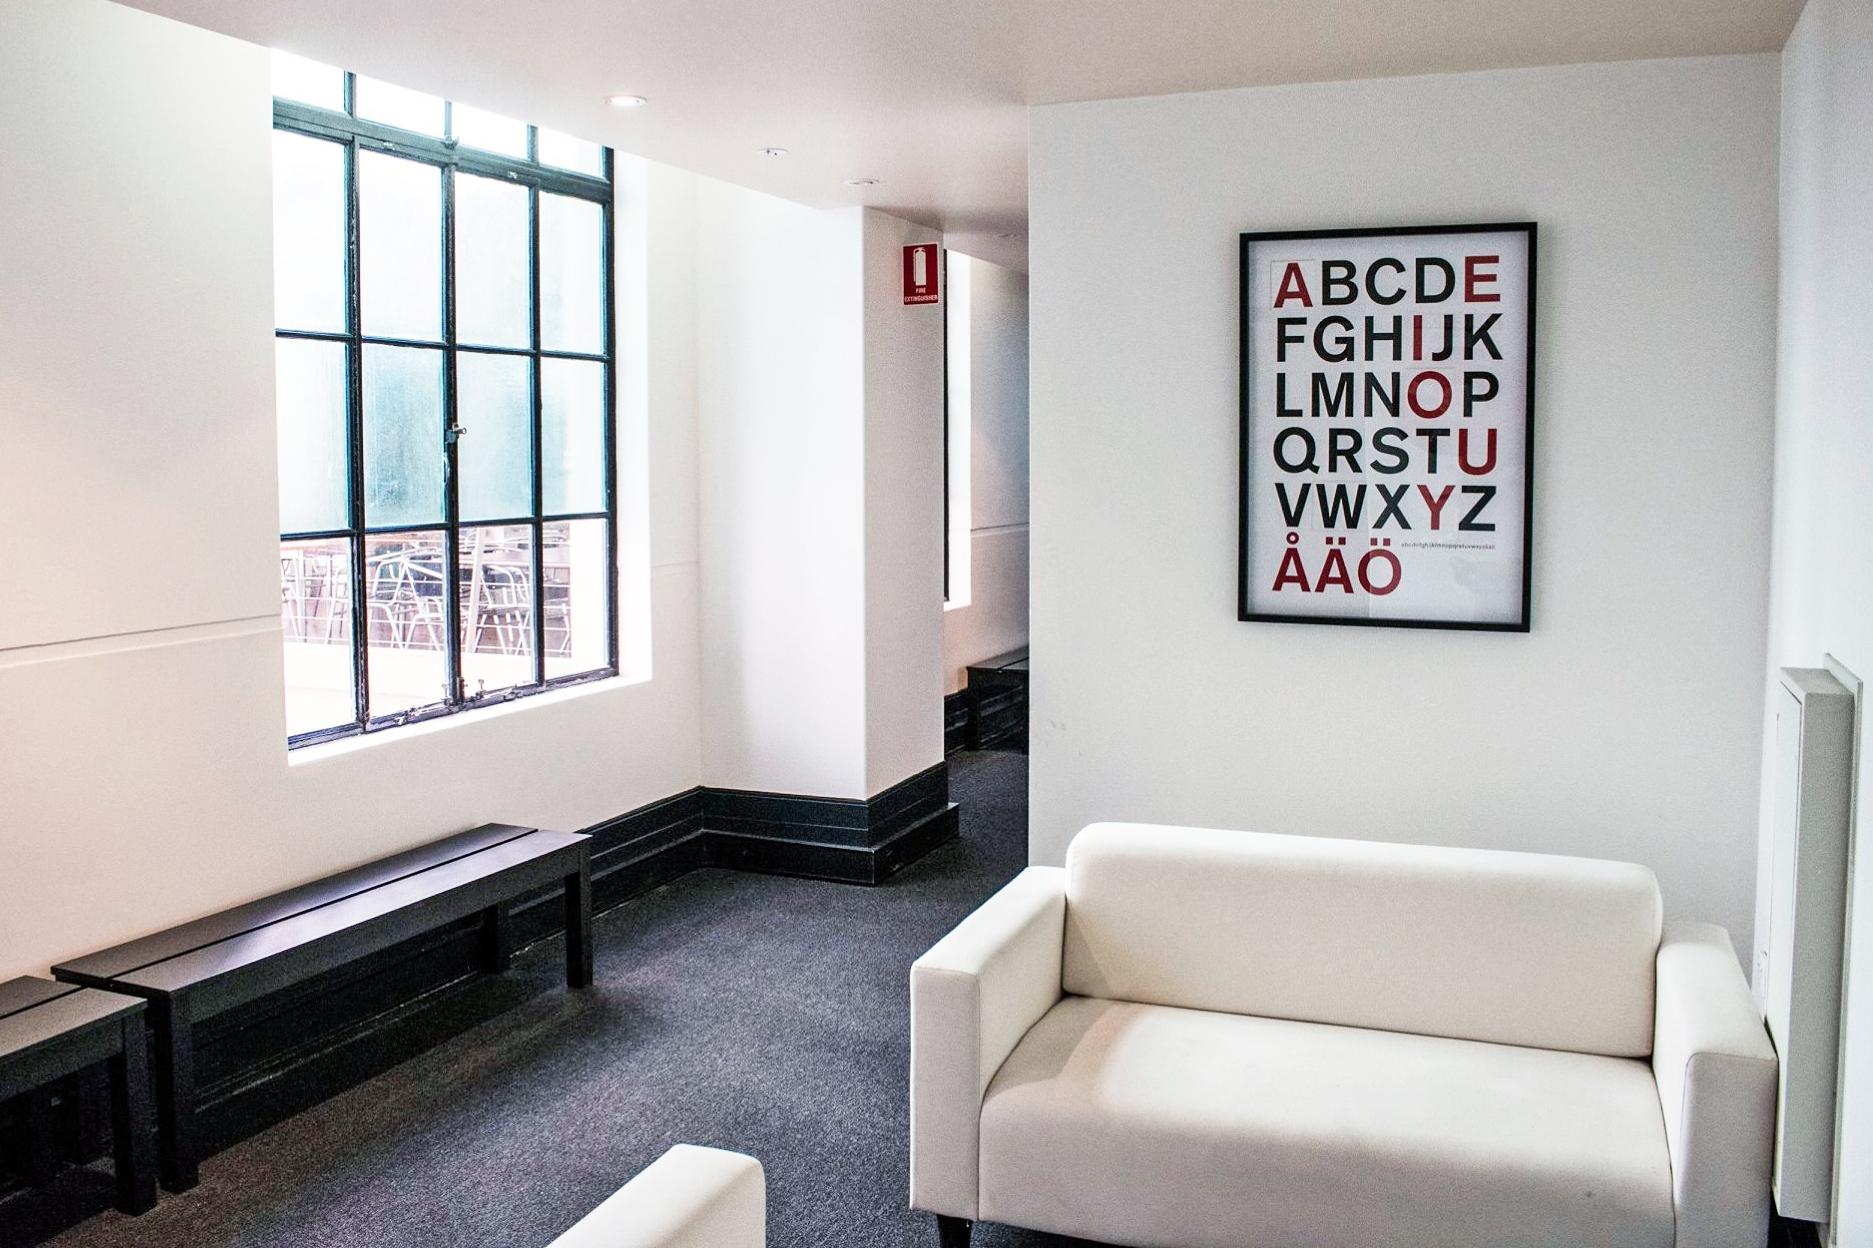 ilsc-brisbane-campus-lounge